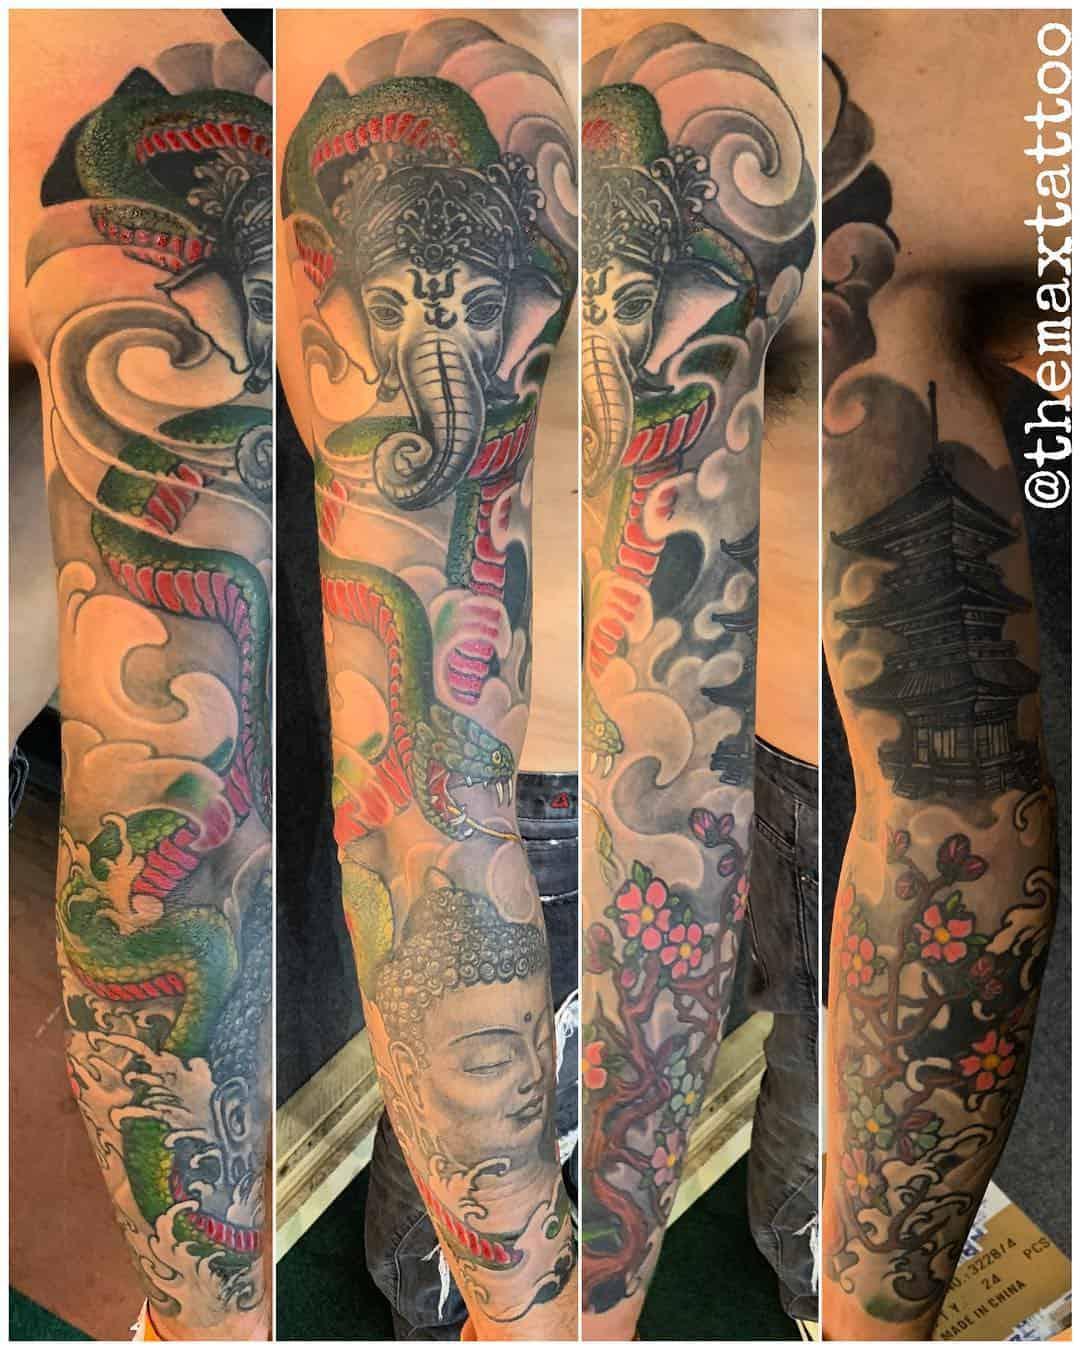 Tattoo by @themaxtattoo